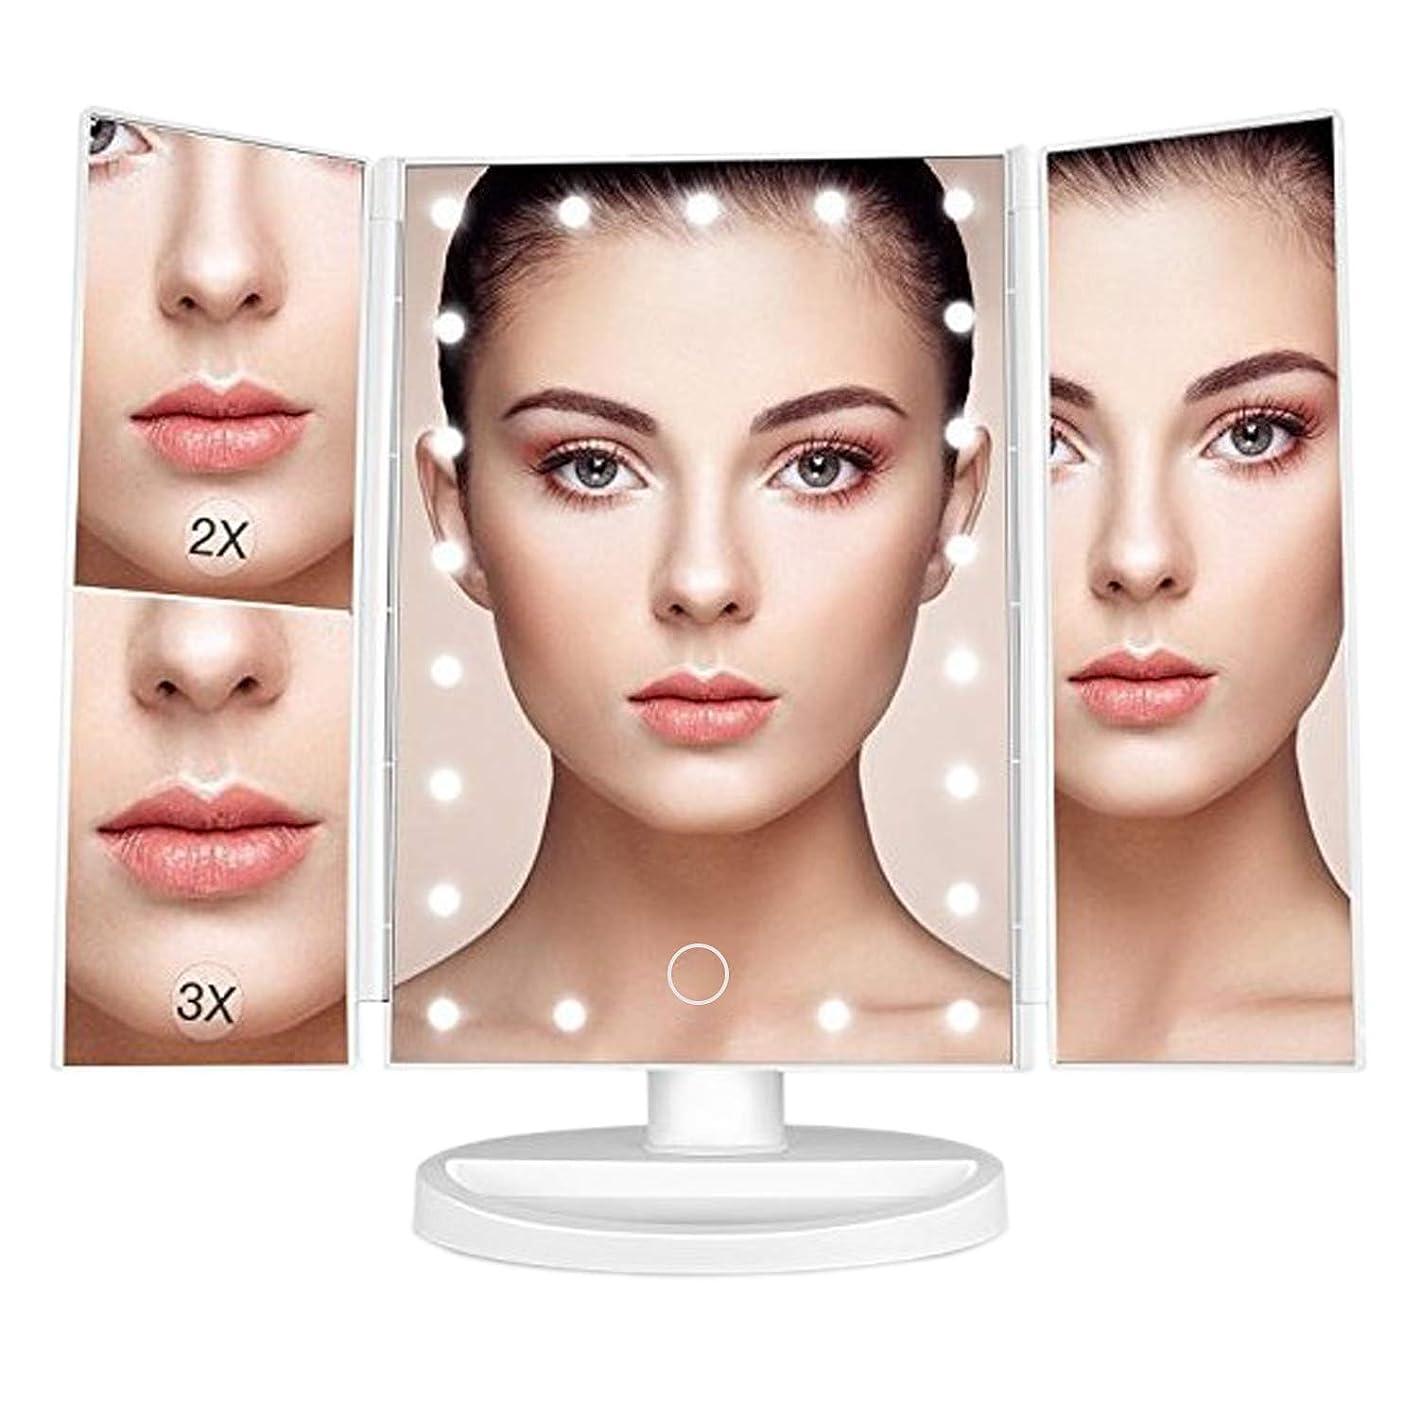 法的把握紀元前SURUN 21は、光の化粧鏡、1倍/ 2倍/ 3倍の倍率の3倍折りたたみ式鏡、タッチスクリーン調光、180度調整可能回転、2つのパワーモード、充電式カウンタートップトラベル化粧鏡を導きました。